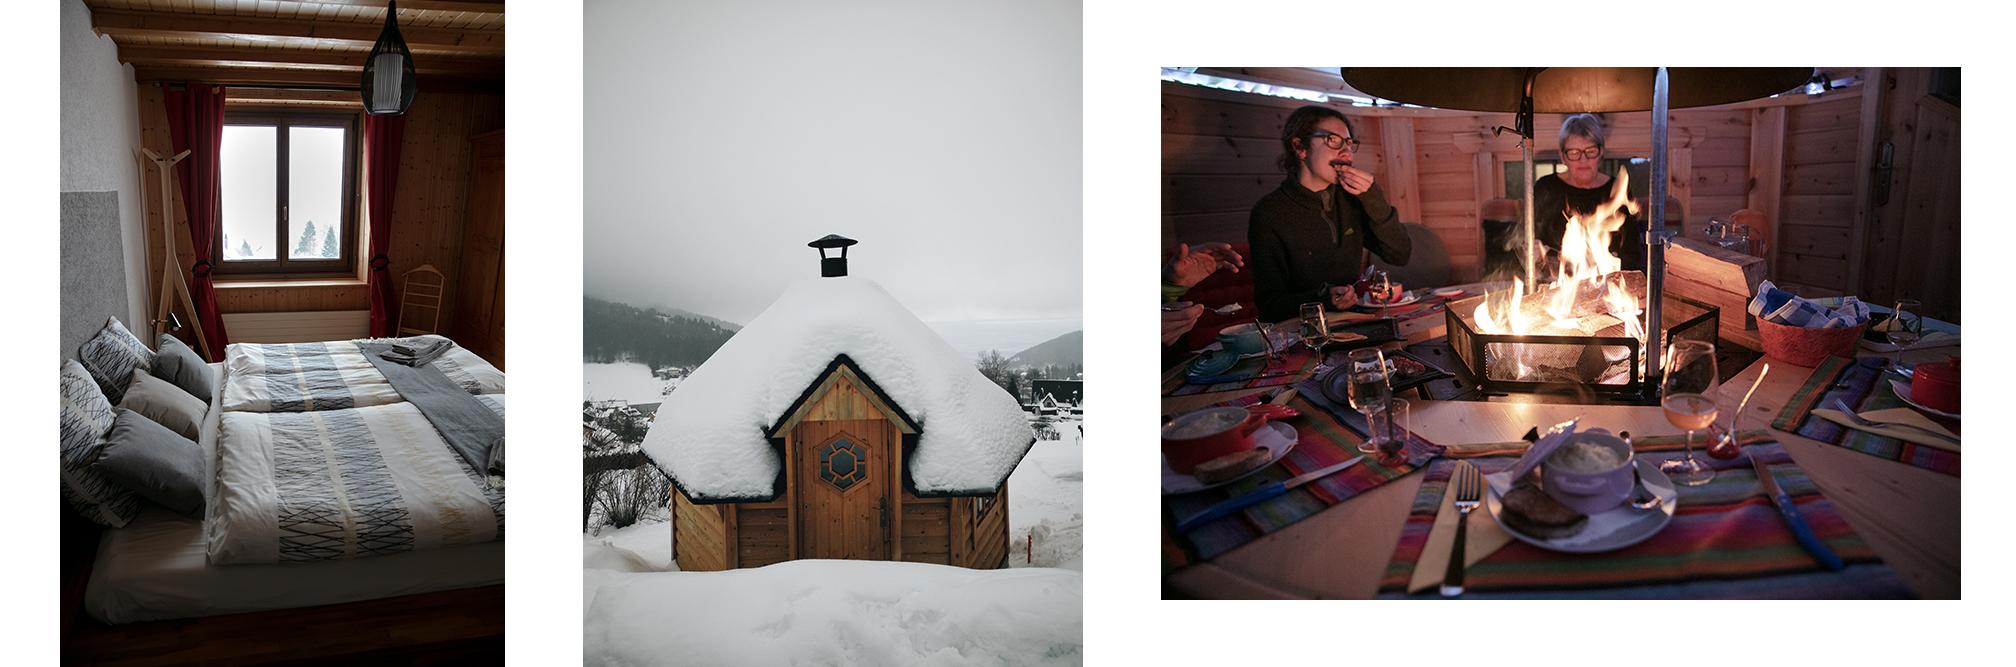 Où dormir à Sainte-Croix en Suisse ?